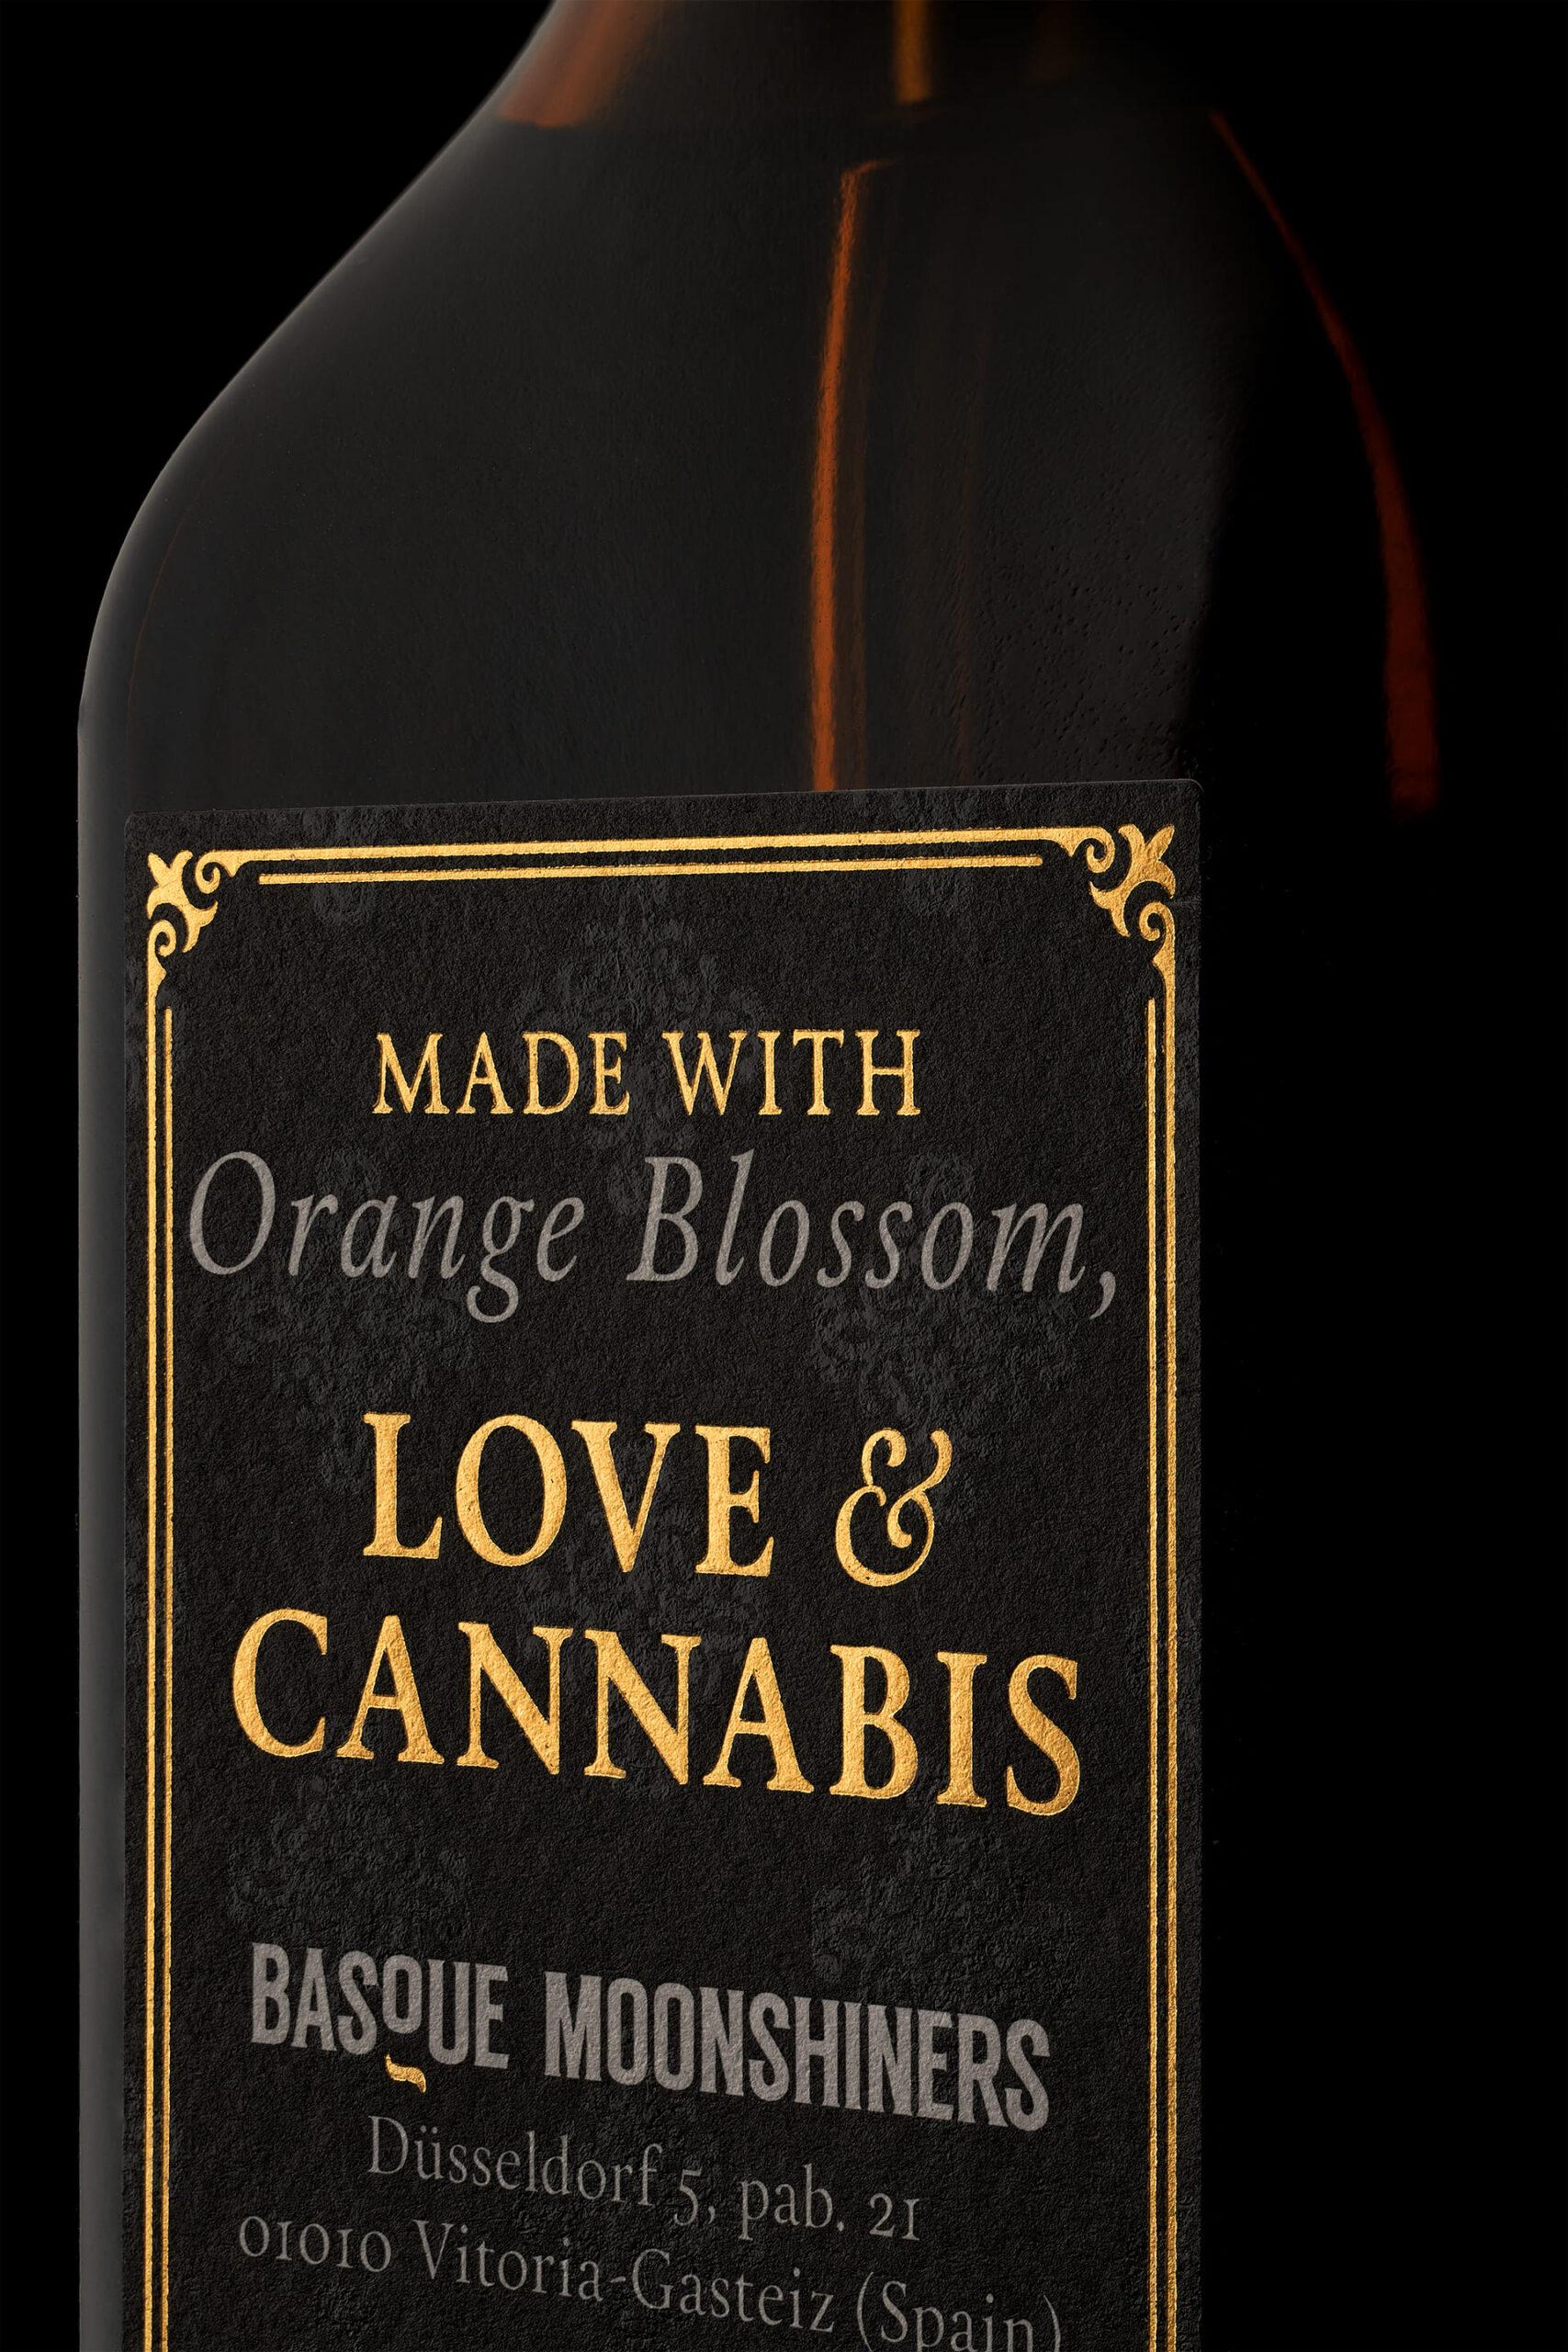 bitter aromatico satibasque naranja